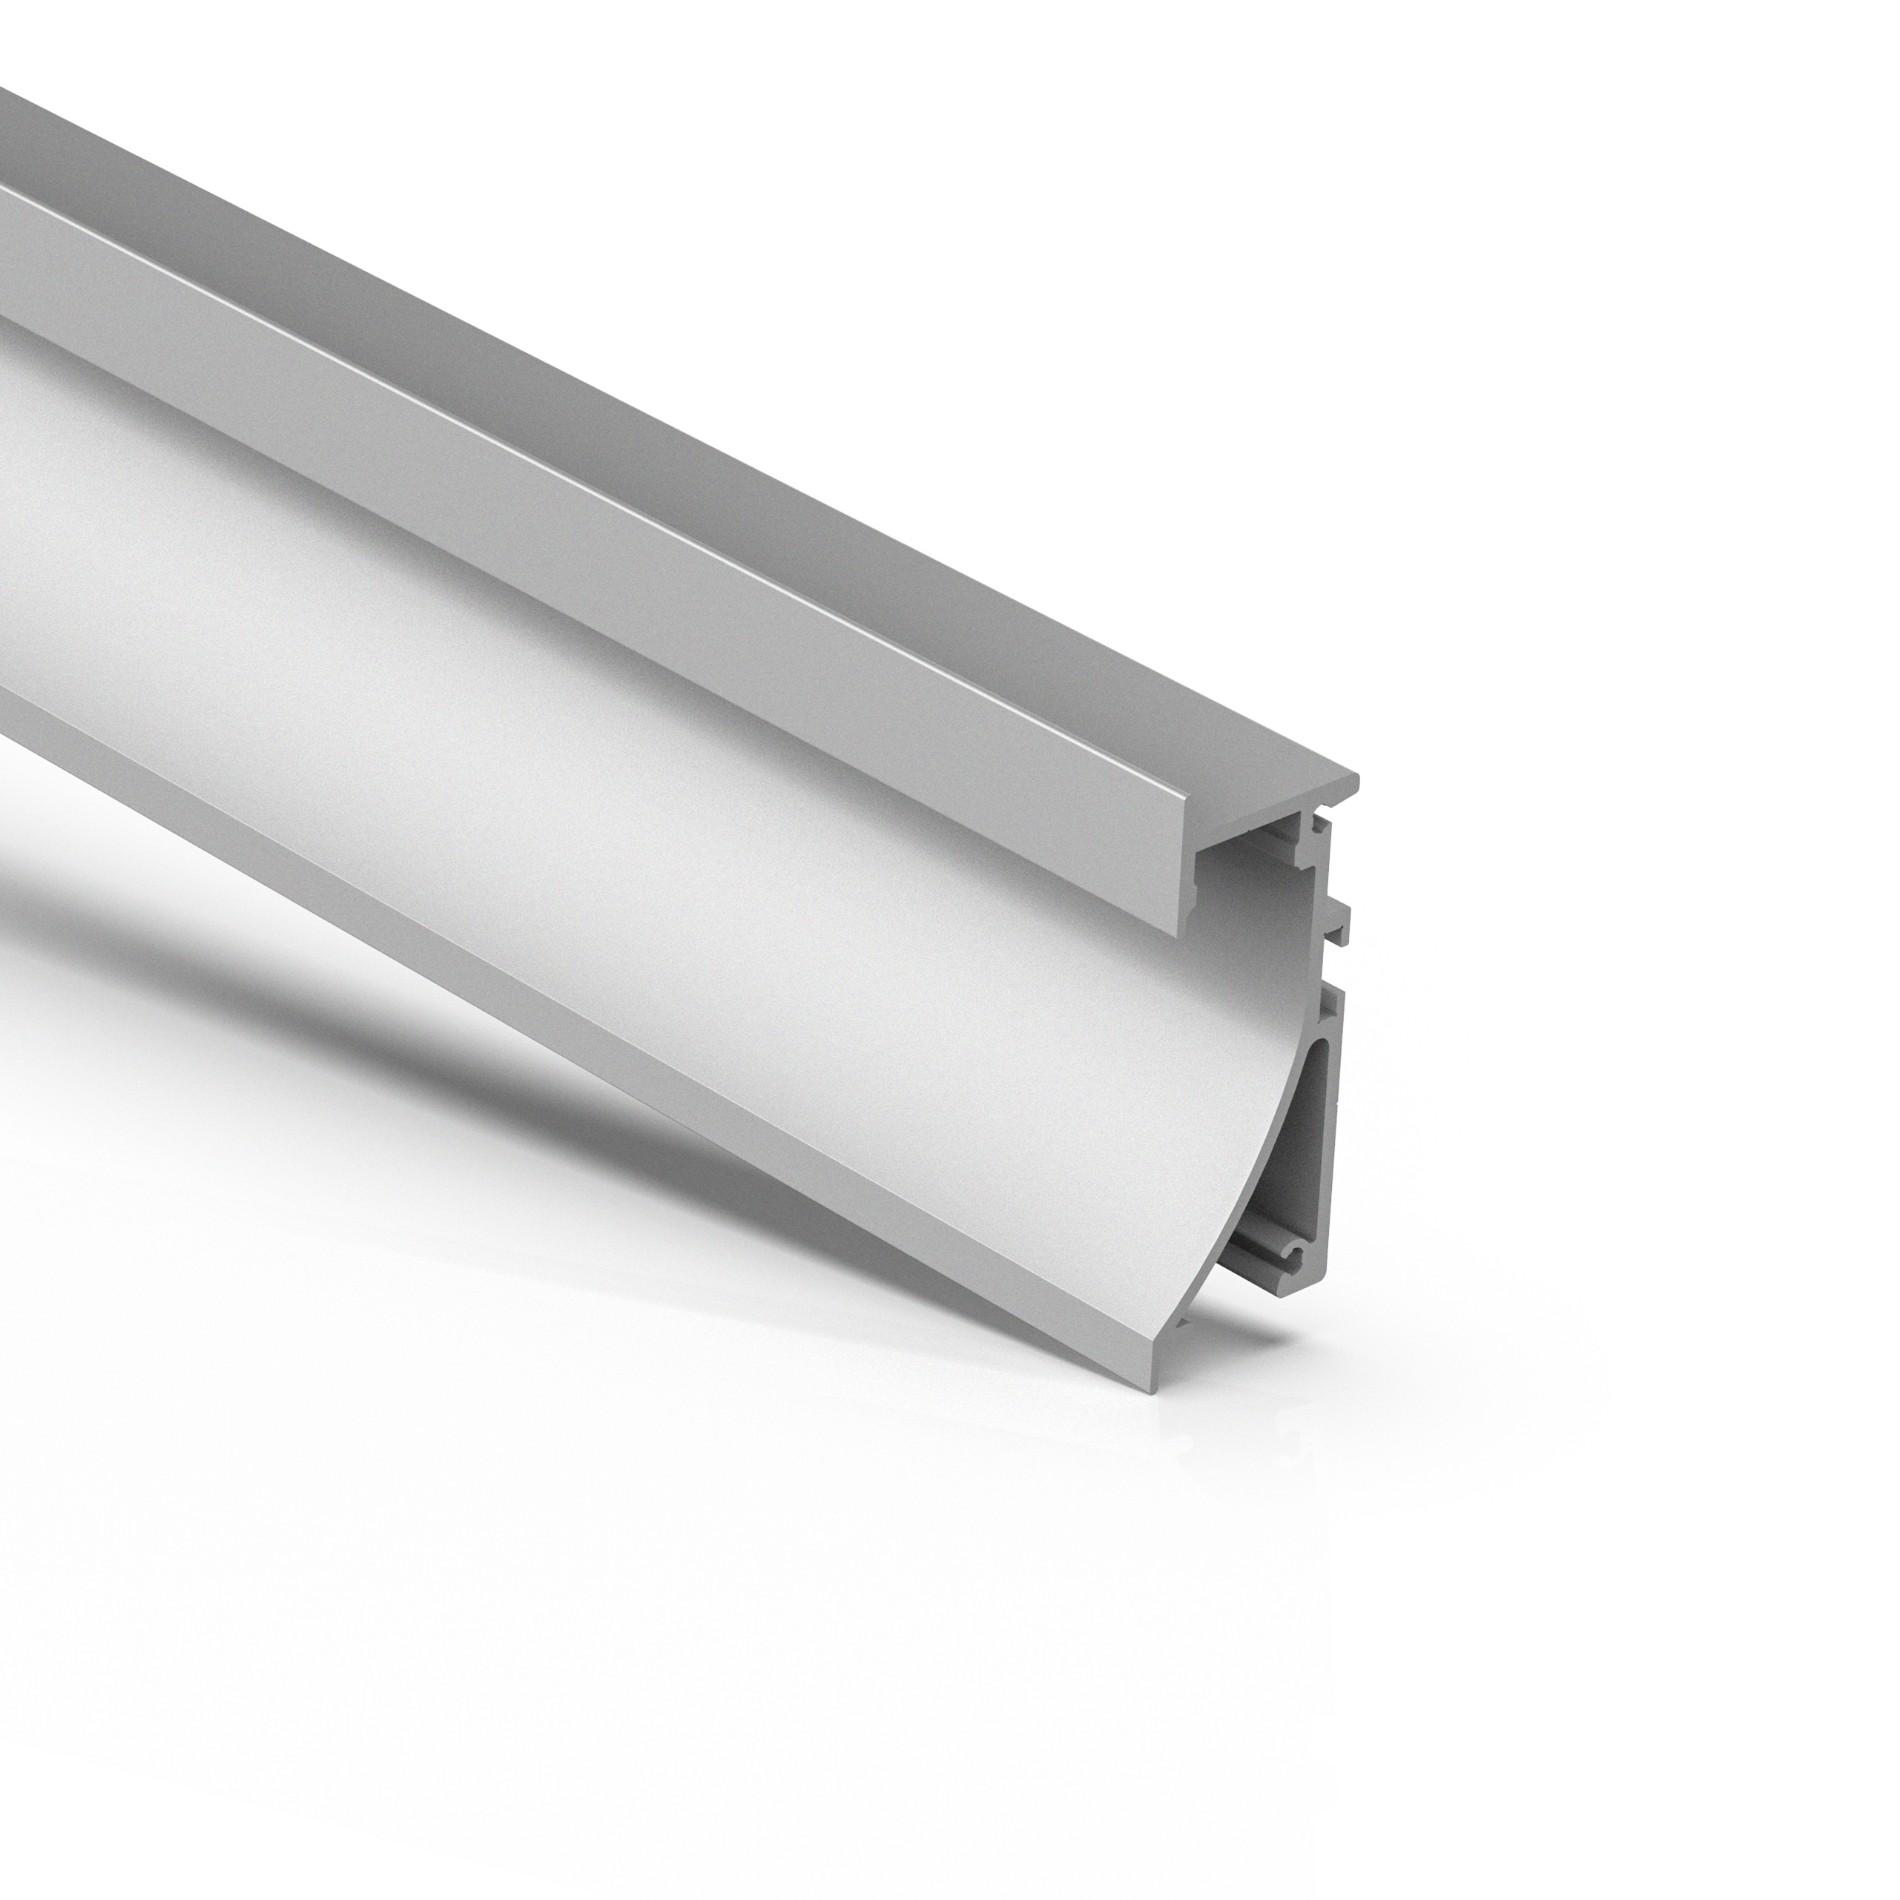 AW1 forsænket mursten-LED-profil (downlight) til LED-strip 25,4x70mm